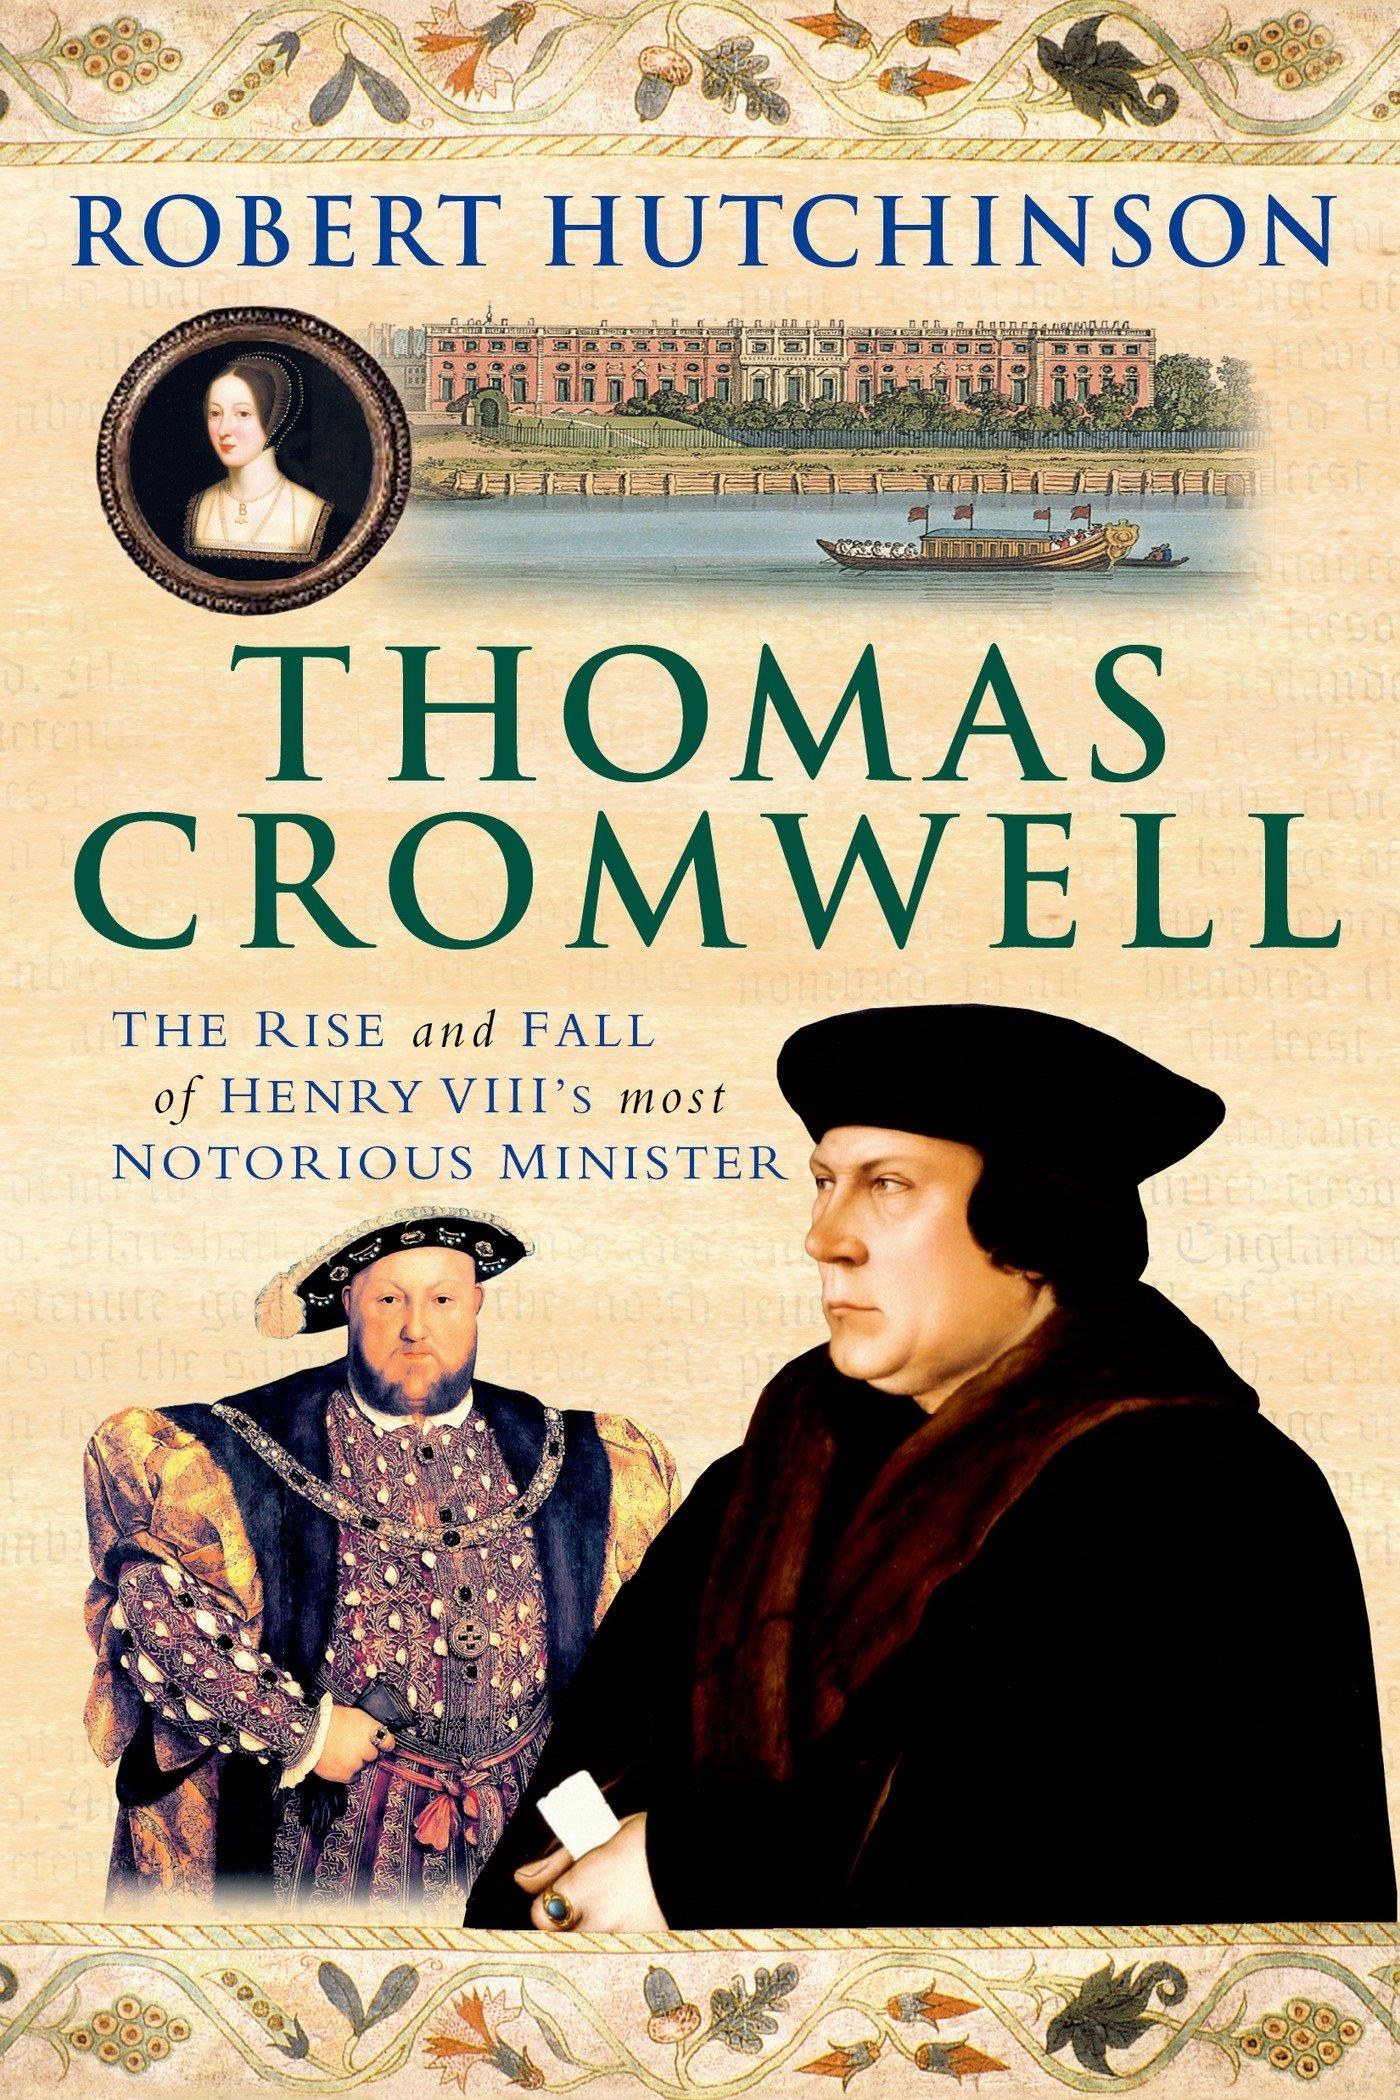 Hilary mantel thomas cromwell book 3